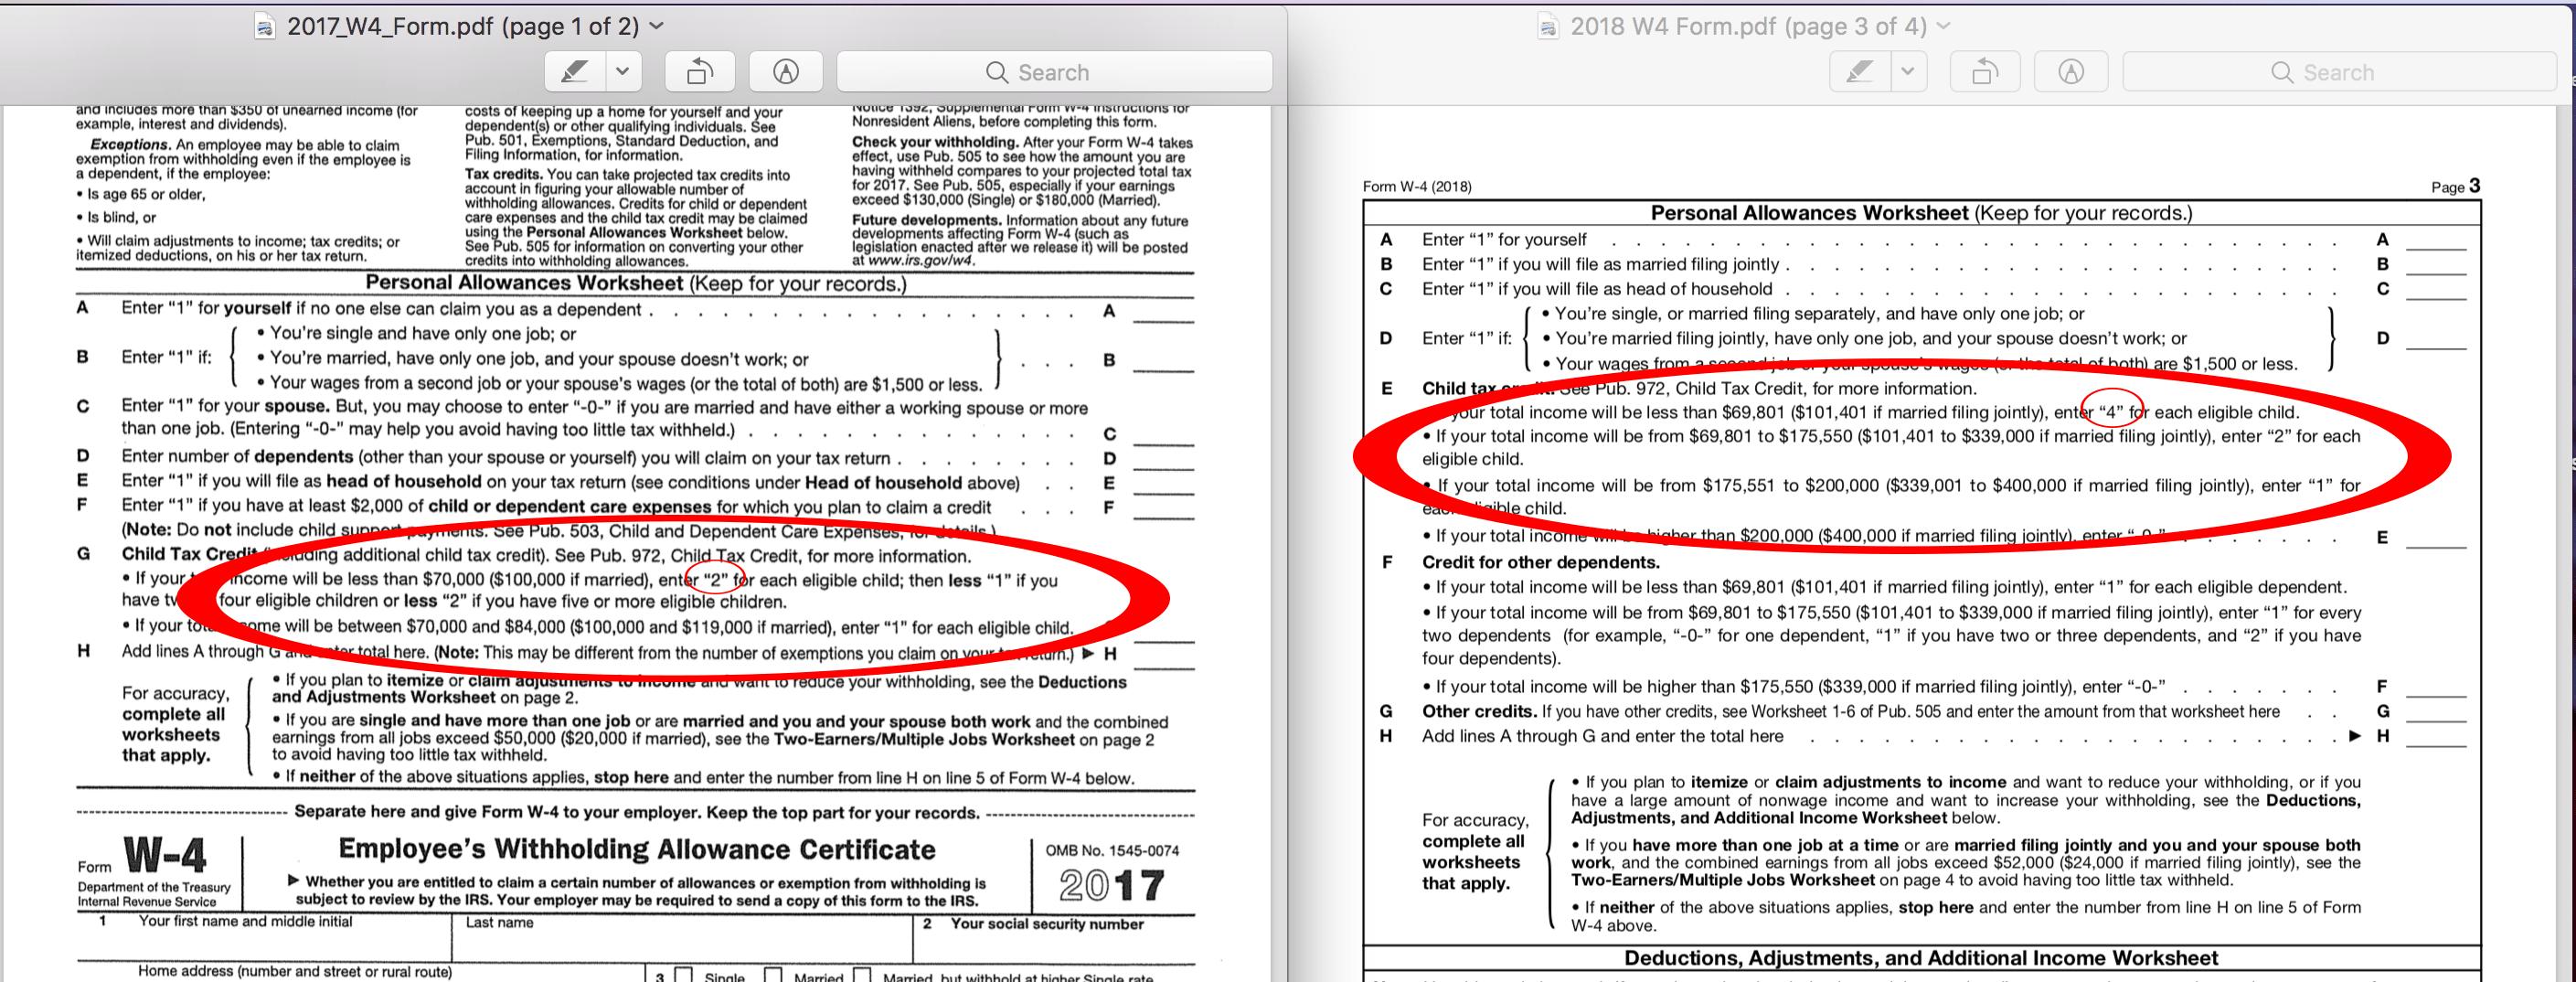 A Standard Deduction Worksheet